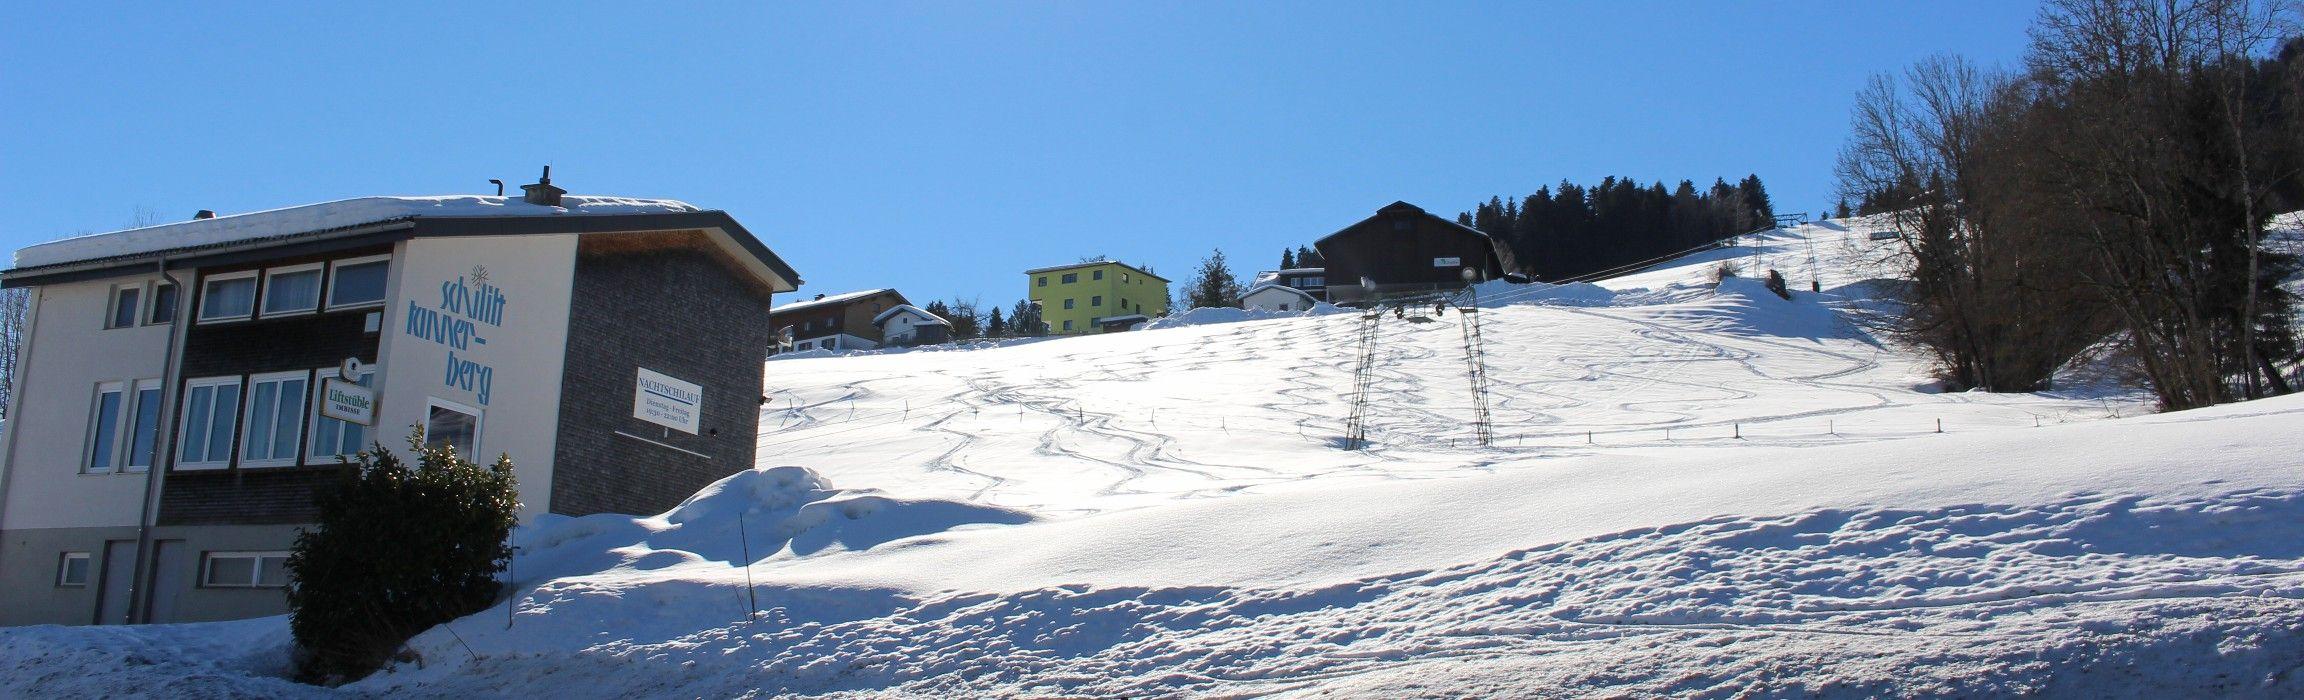 Guter Winter: Alberschwende bereut Einstellung des Skiliftbetriebs